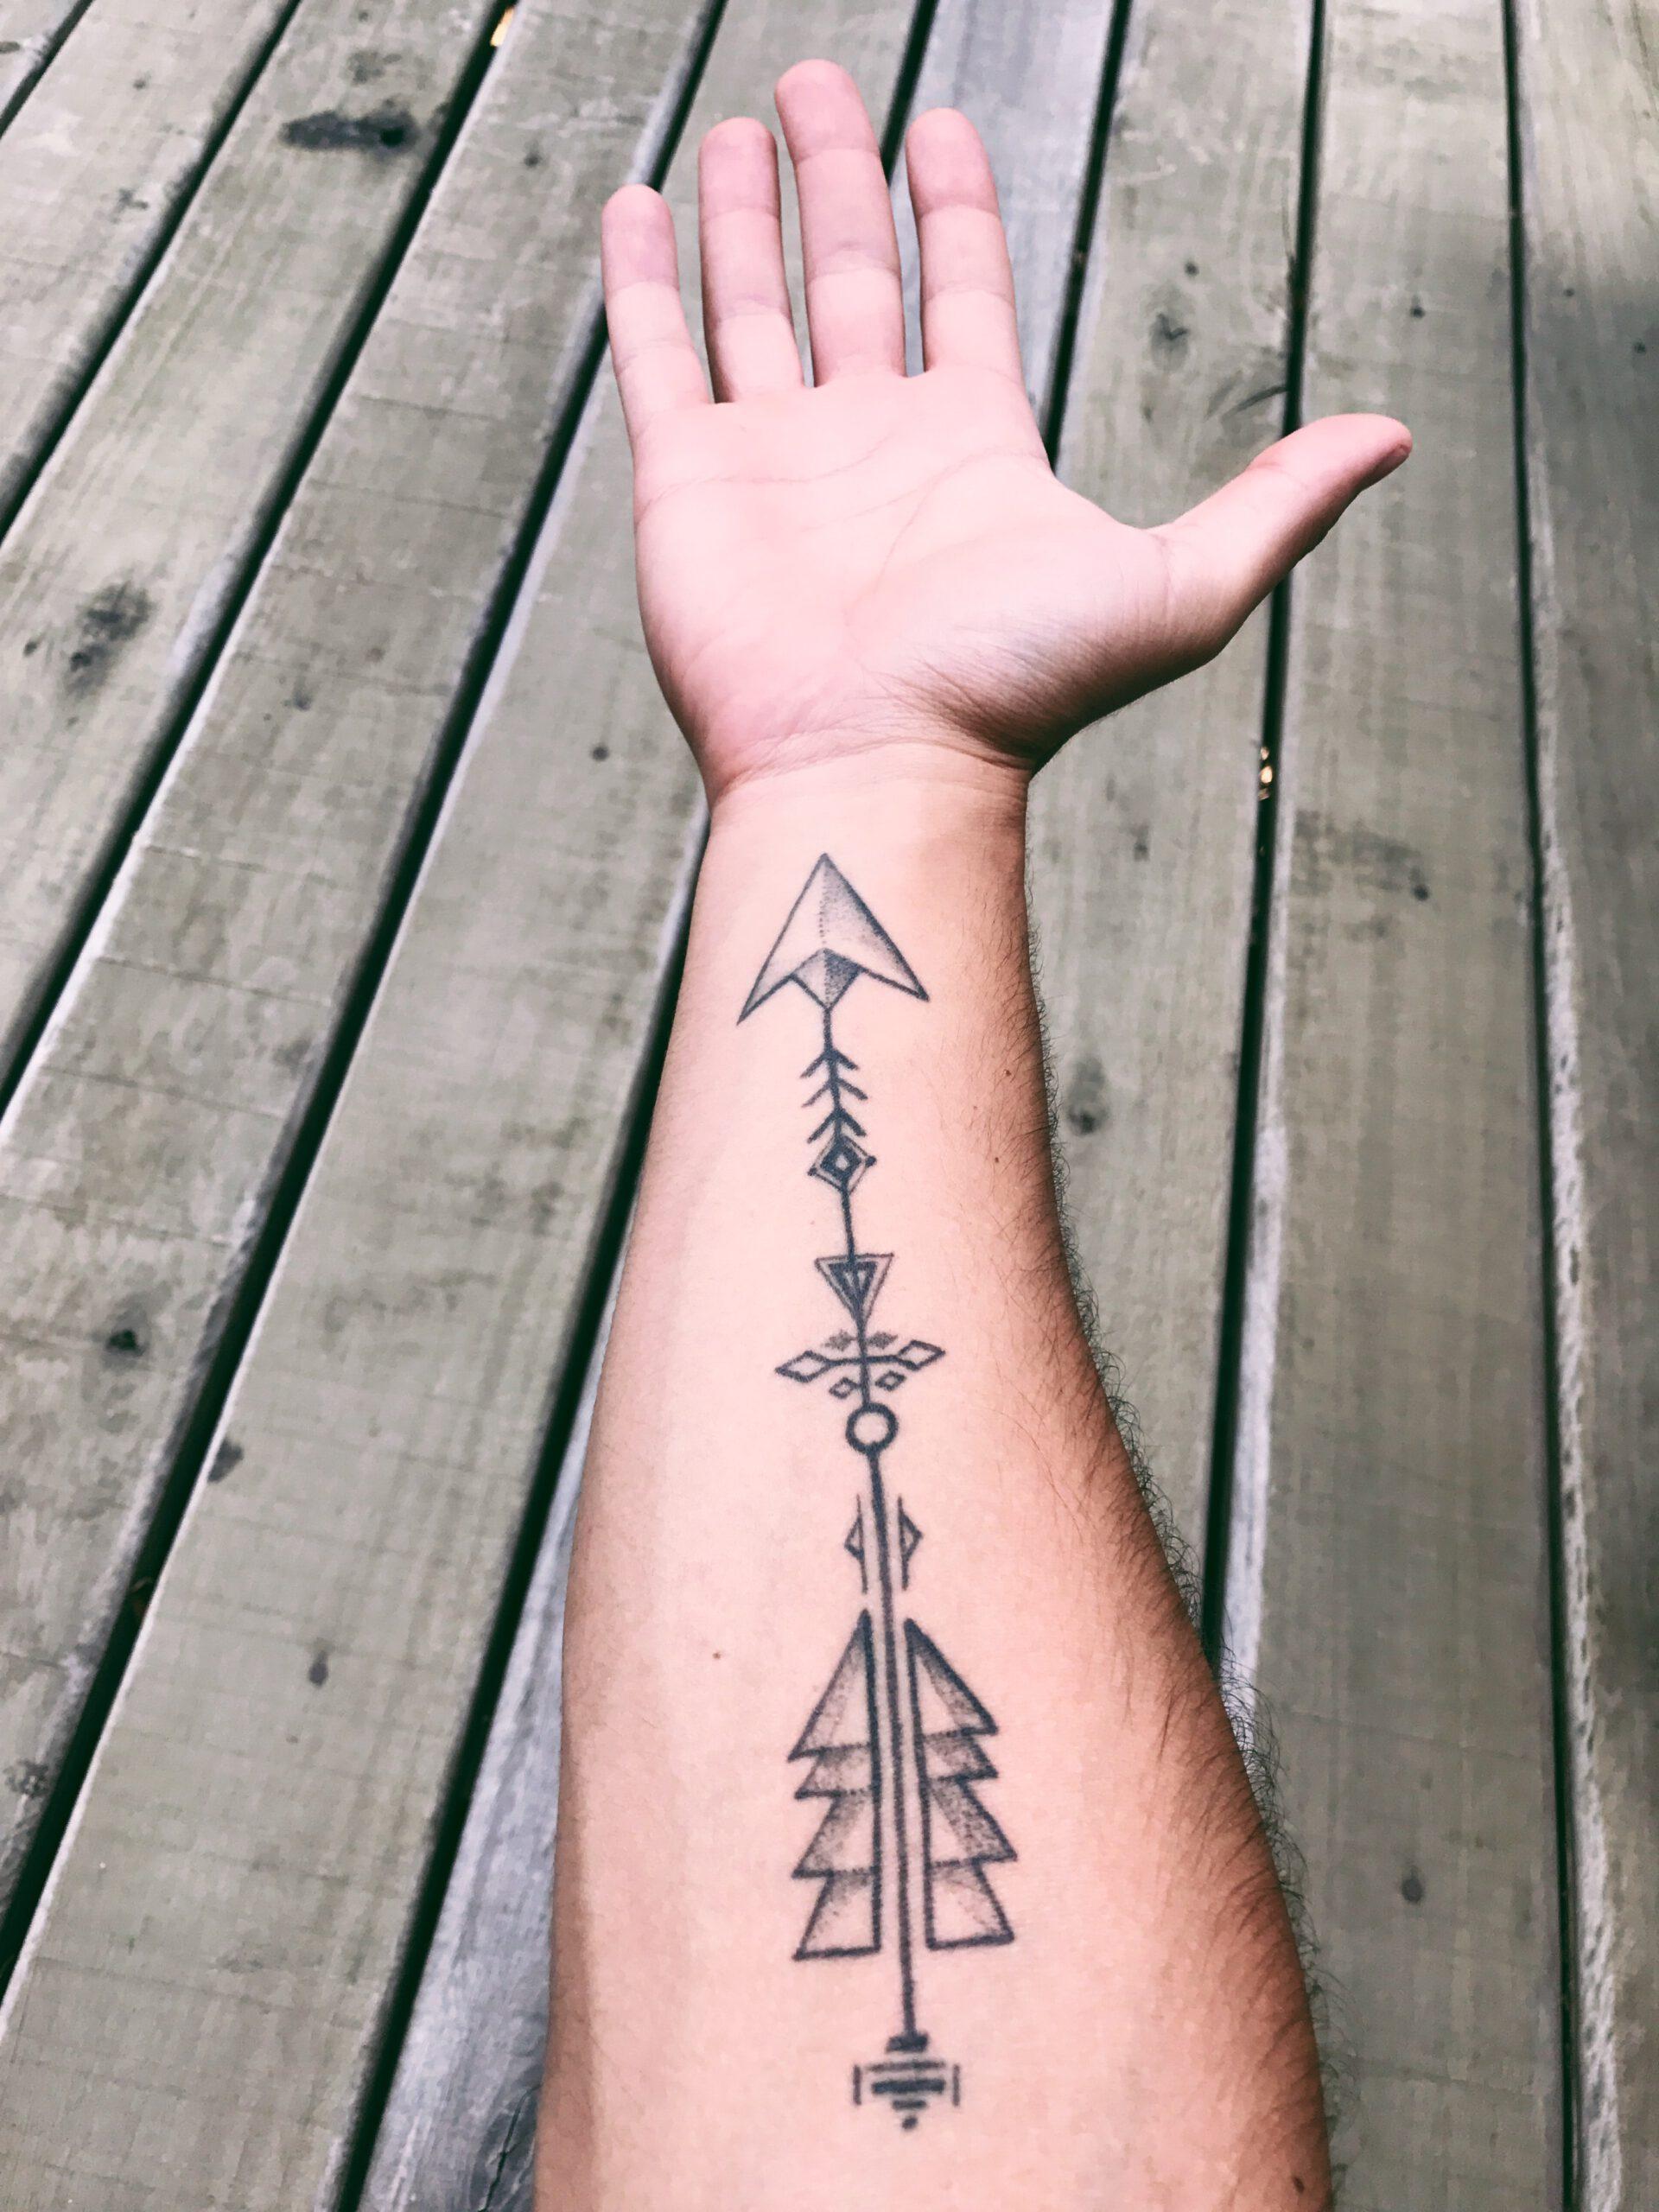 Jak wybrać dobre studio tatuażu?